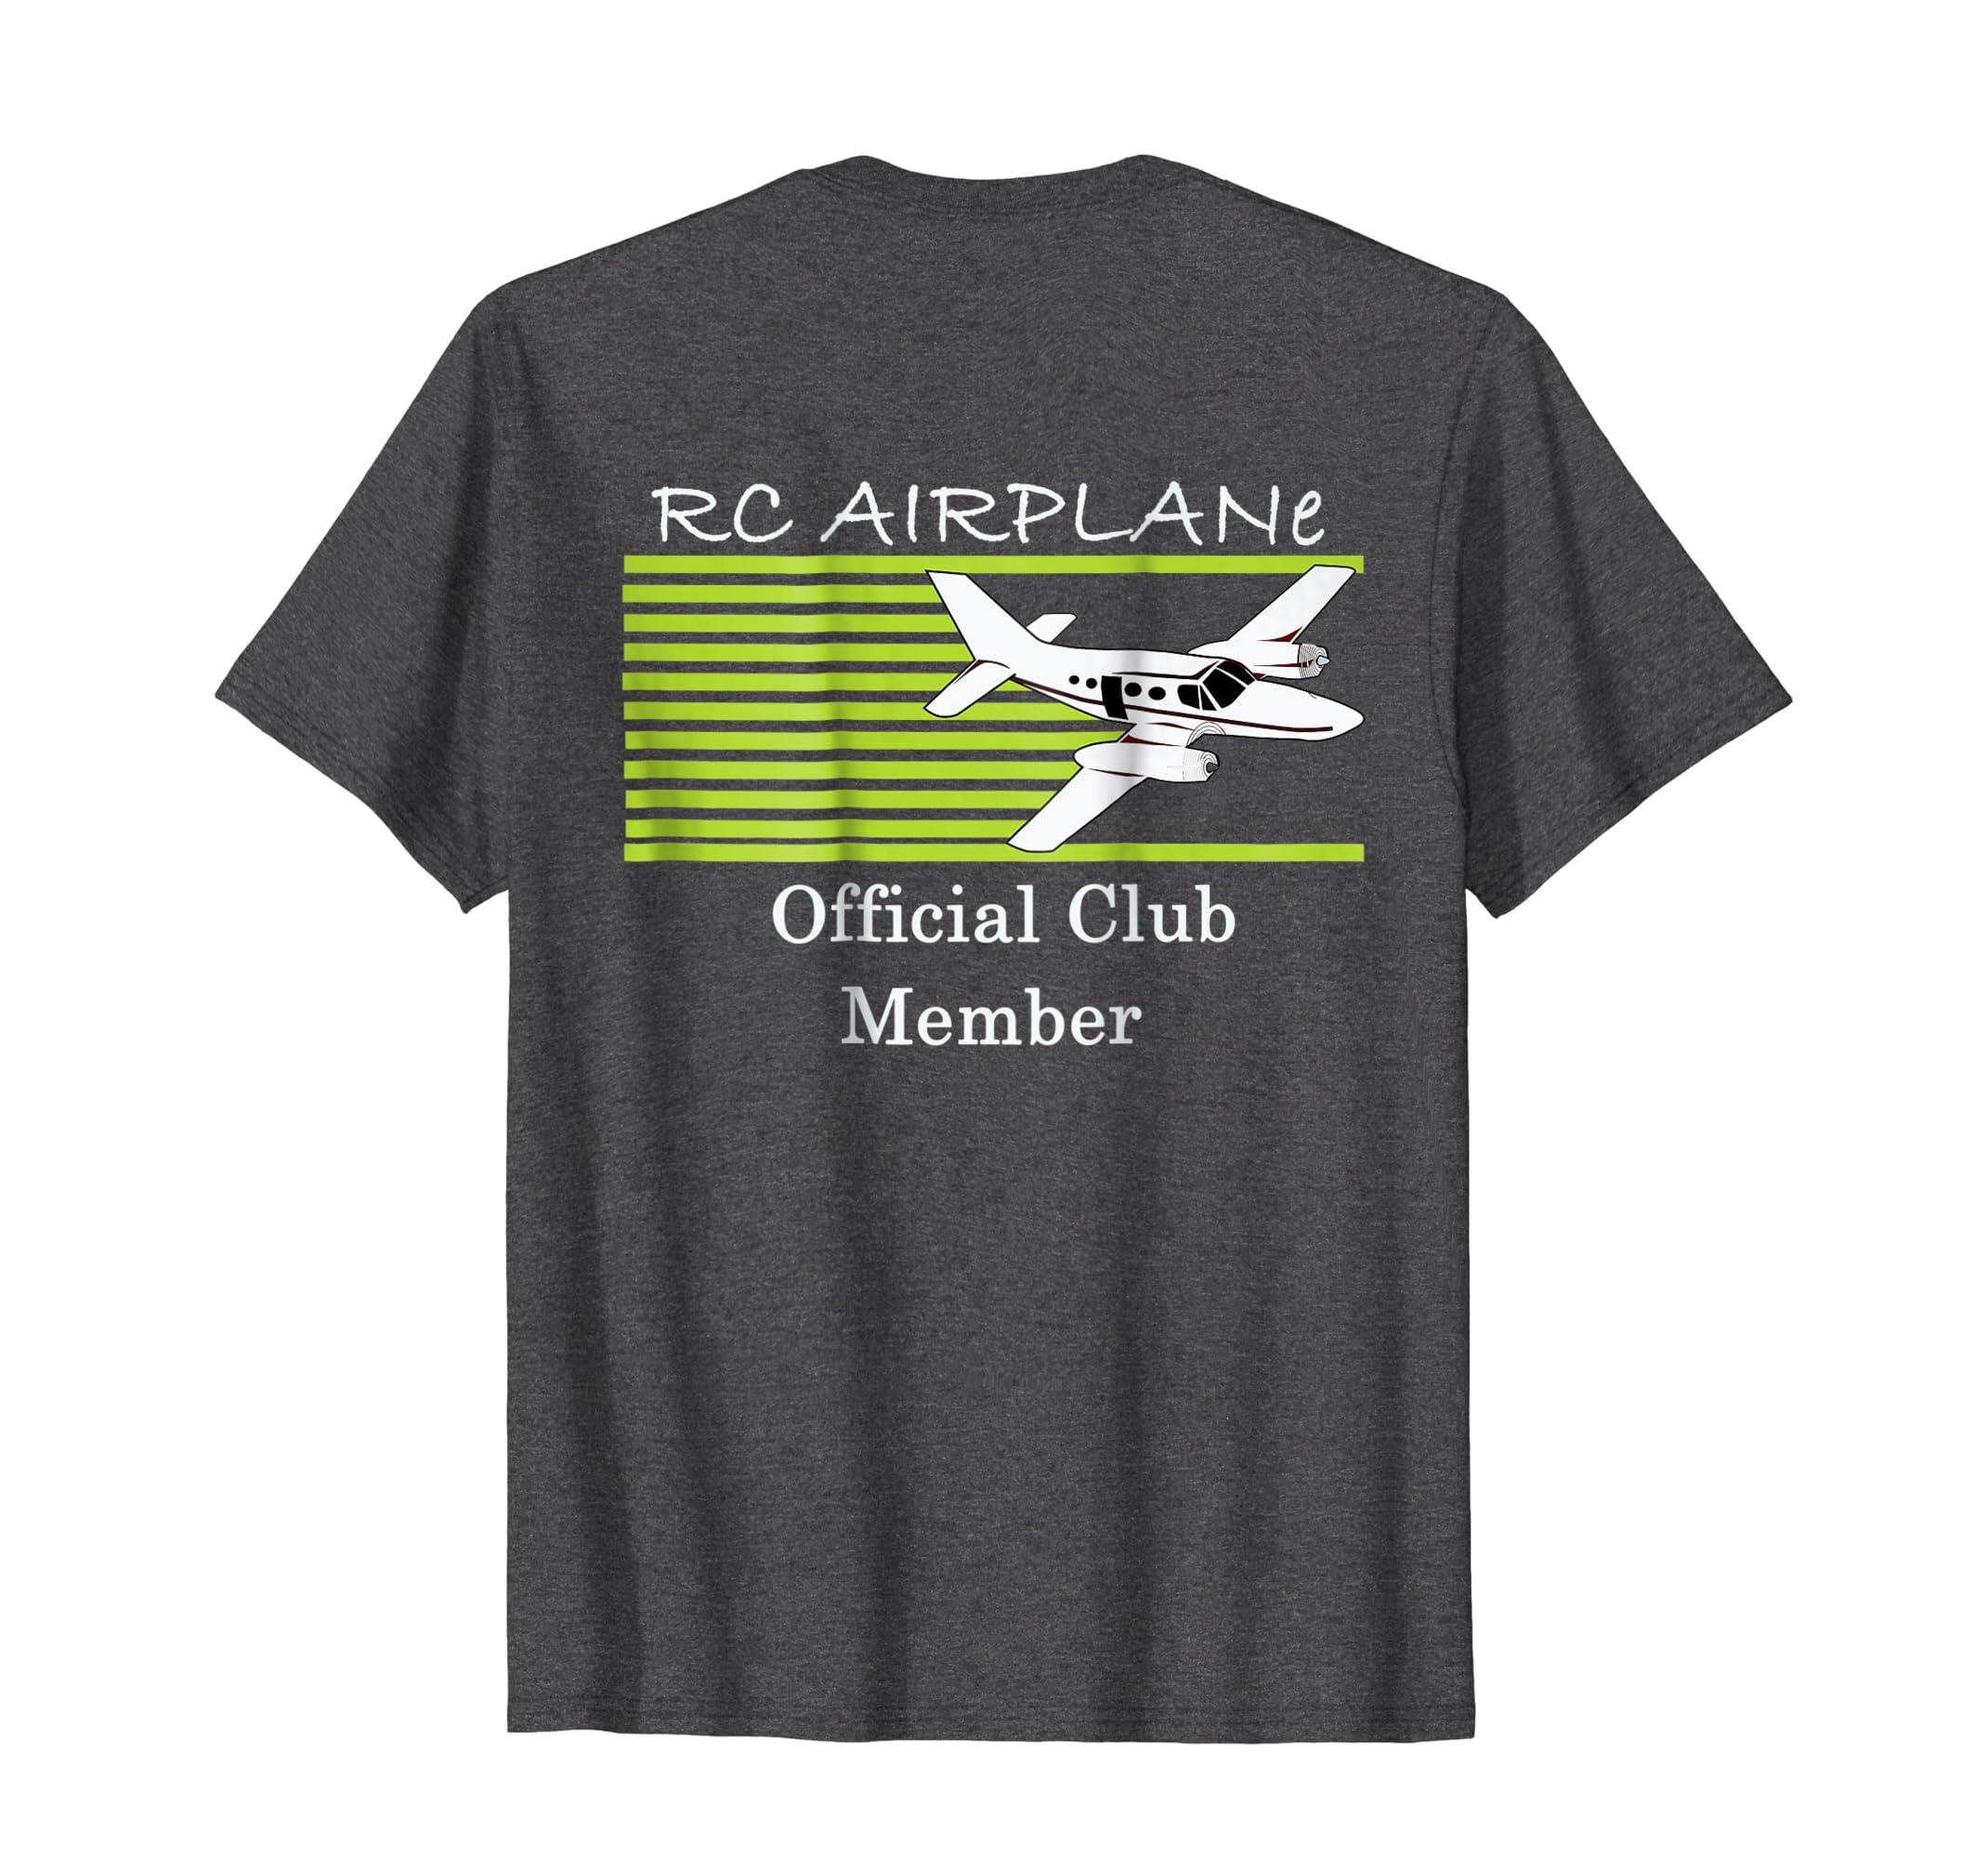 Club Member